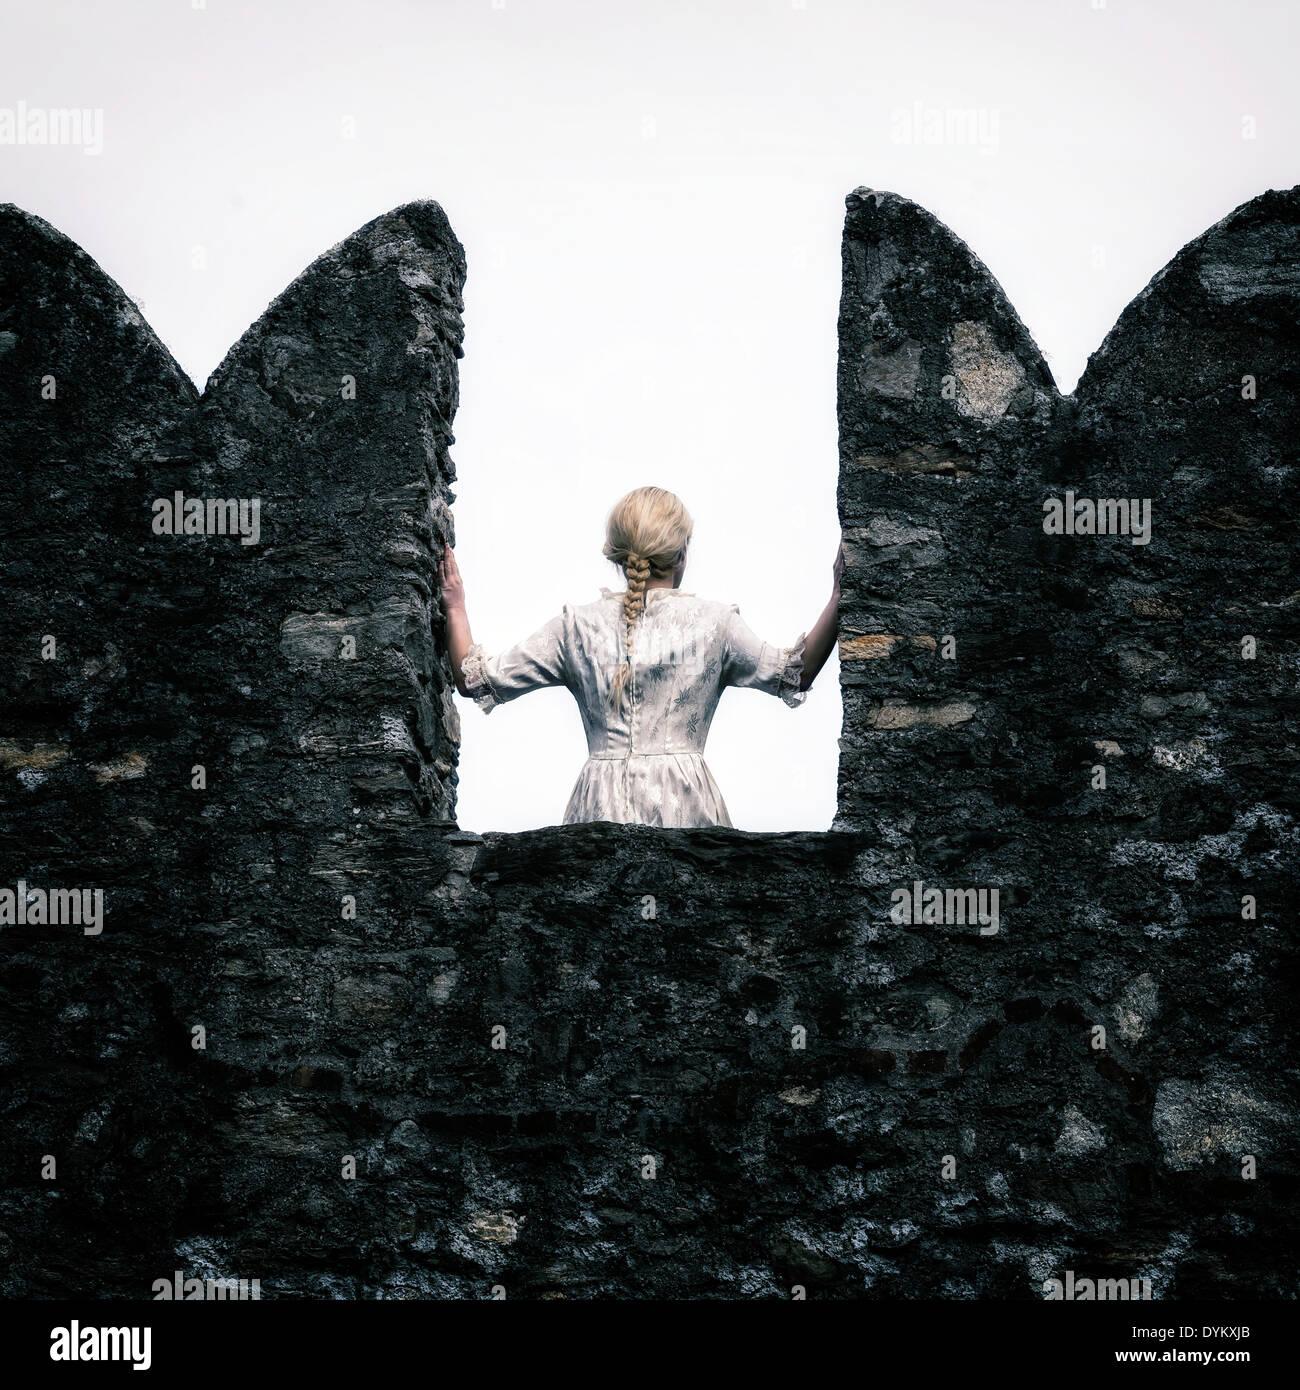 Una signora con un periodo bianco vestito è in piedi su una merlatura Immagini Stock